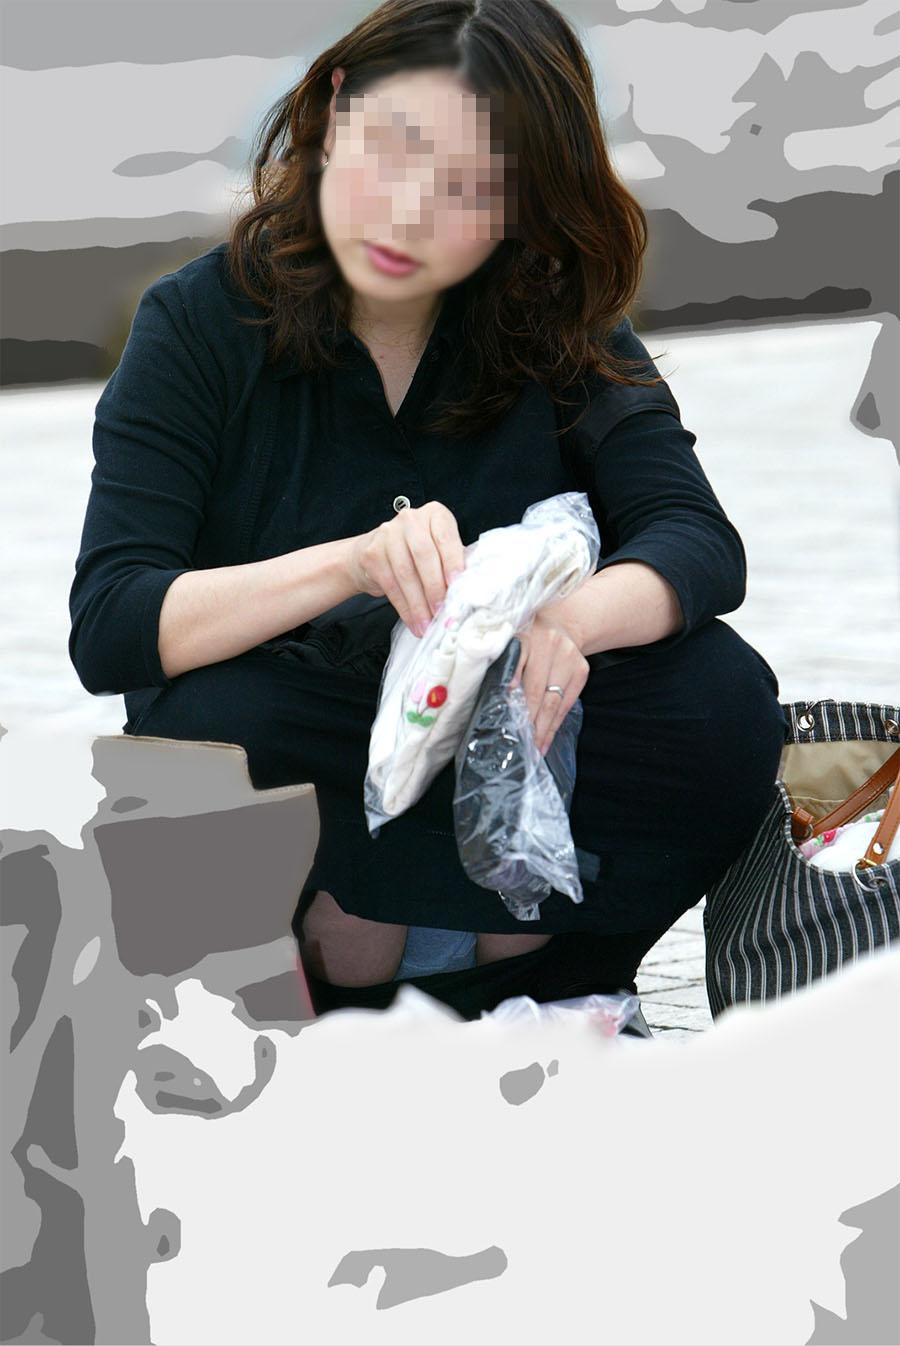 【パンチラエロ画像】迂闊している女子は見逃さない!迷わず激写の対象な座りパンチラ女子www 08